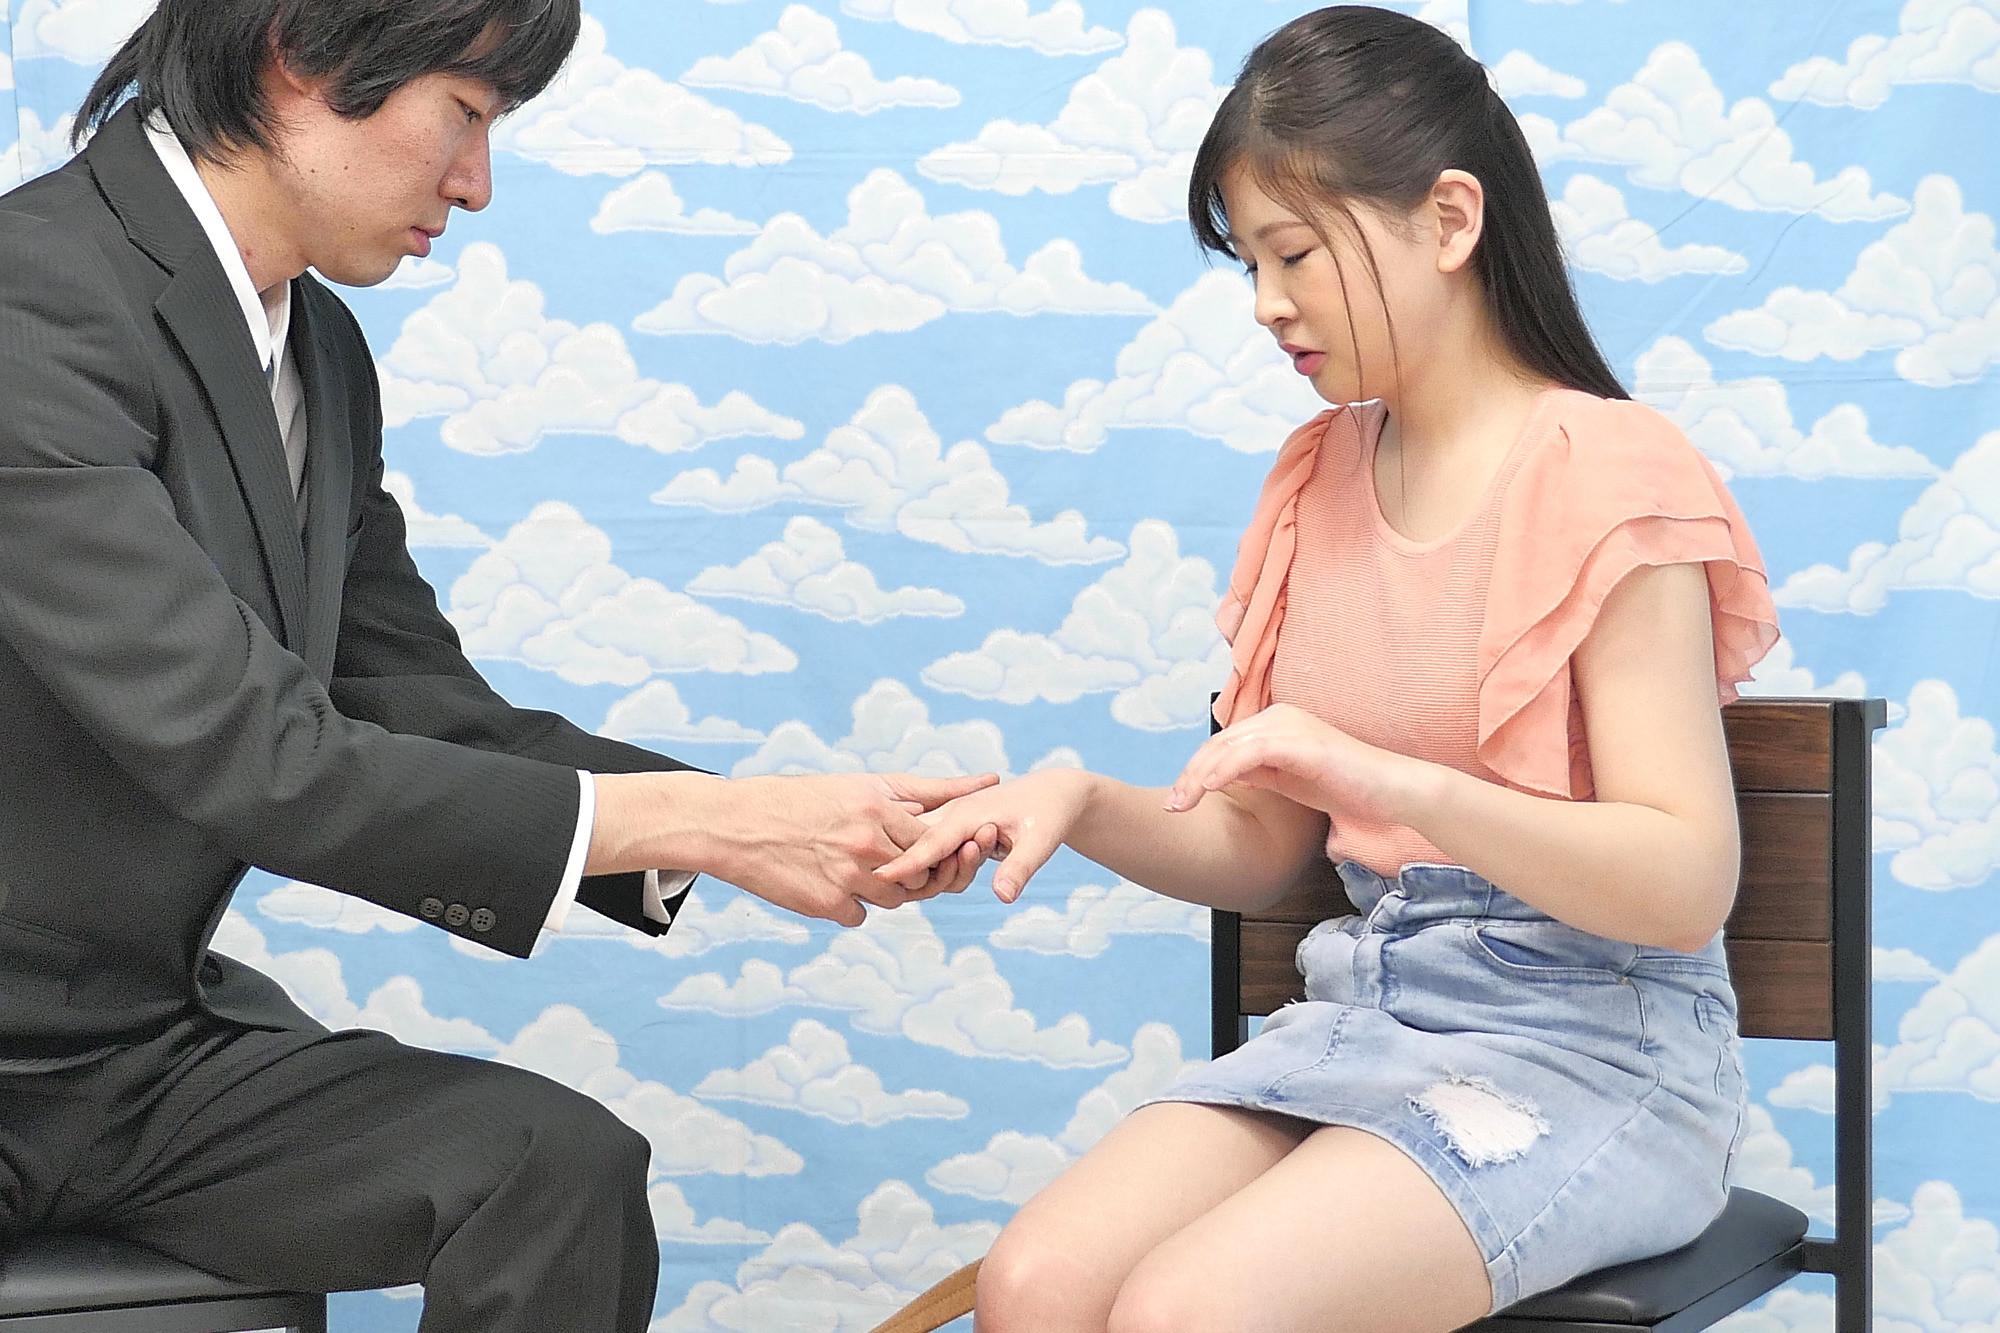 荻窪で見つけた超敏感女子大生がヌルヌル素股に挑戦!何度イッてもガン突きピストンで連続中出し!